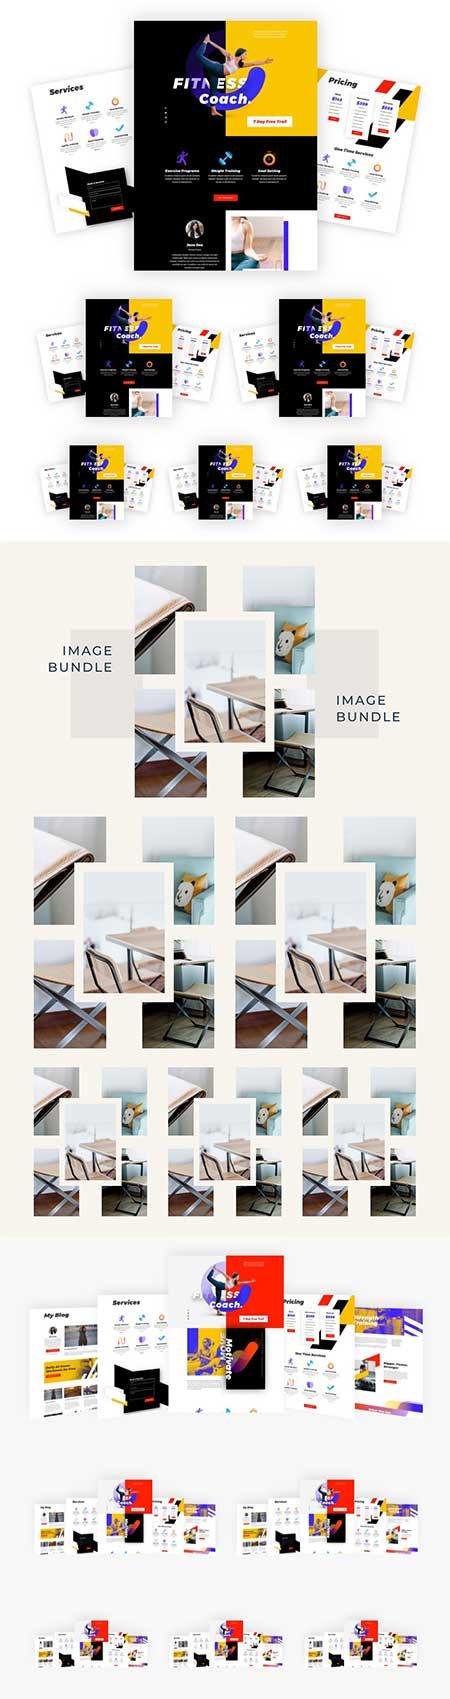 Divi image bundle layouts